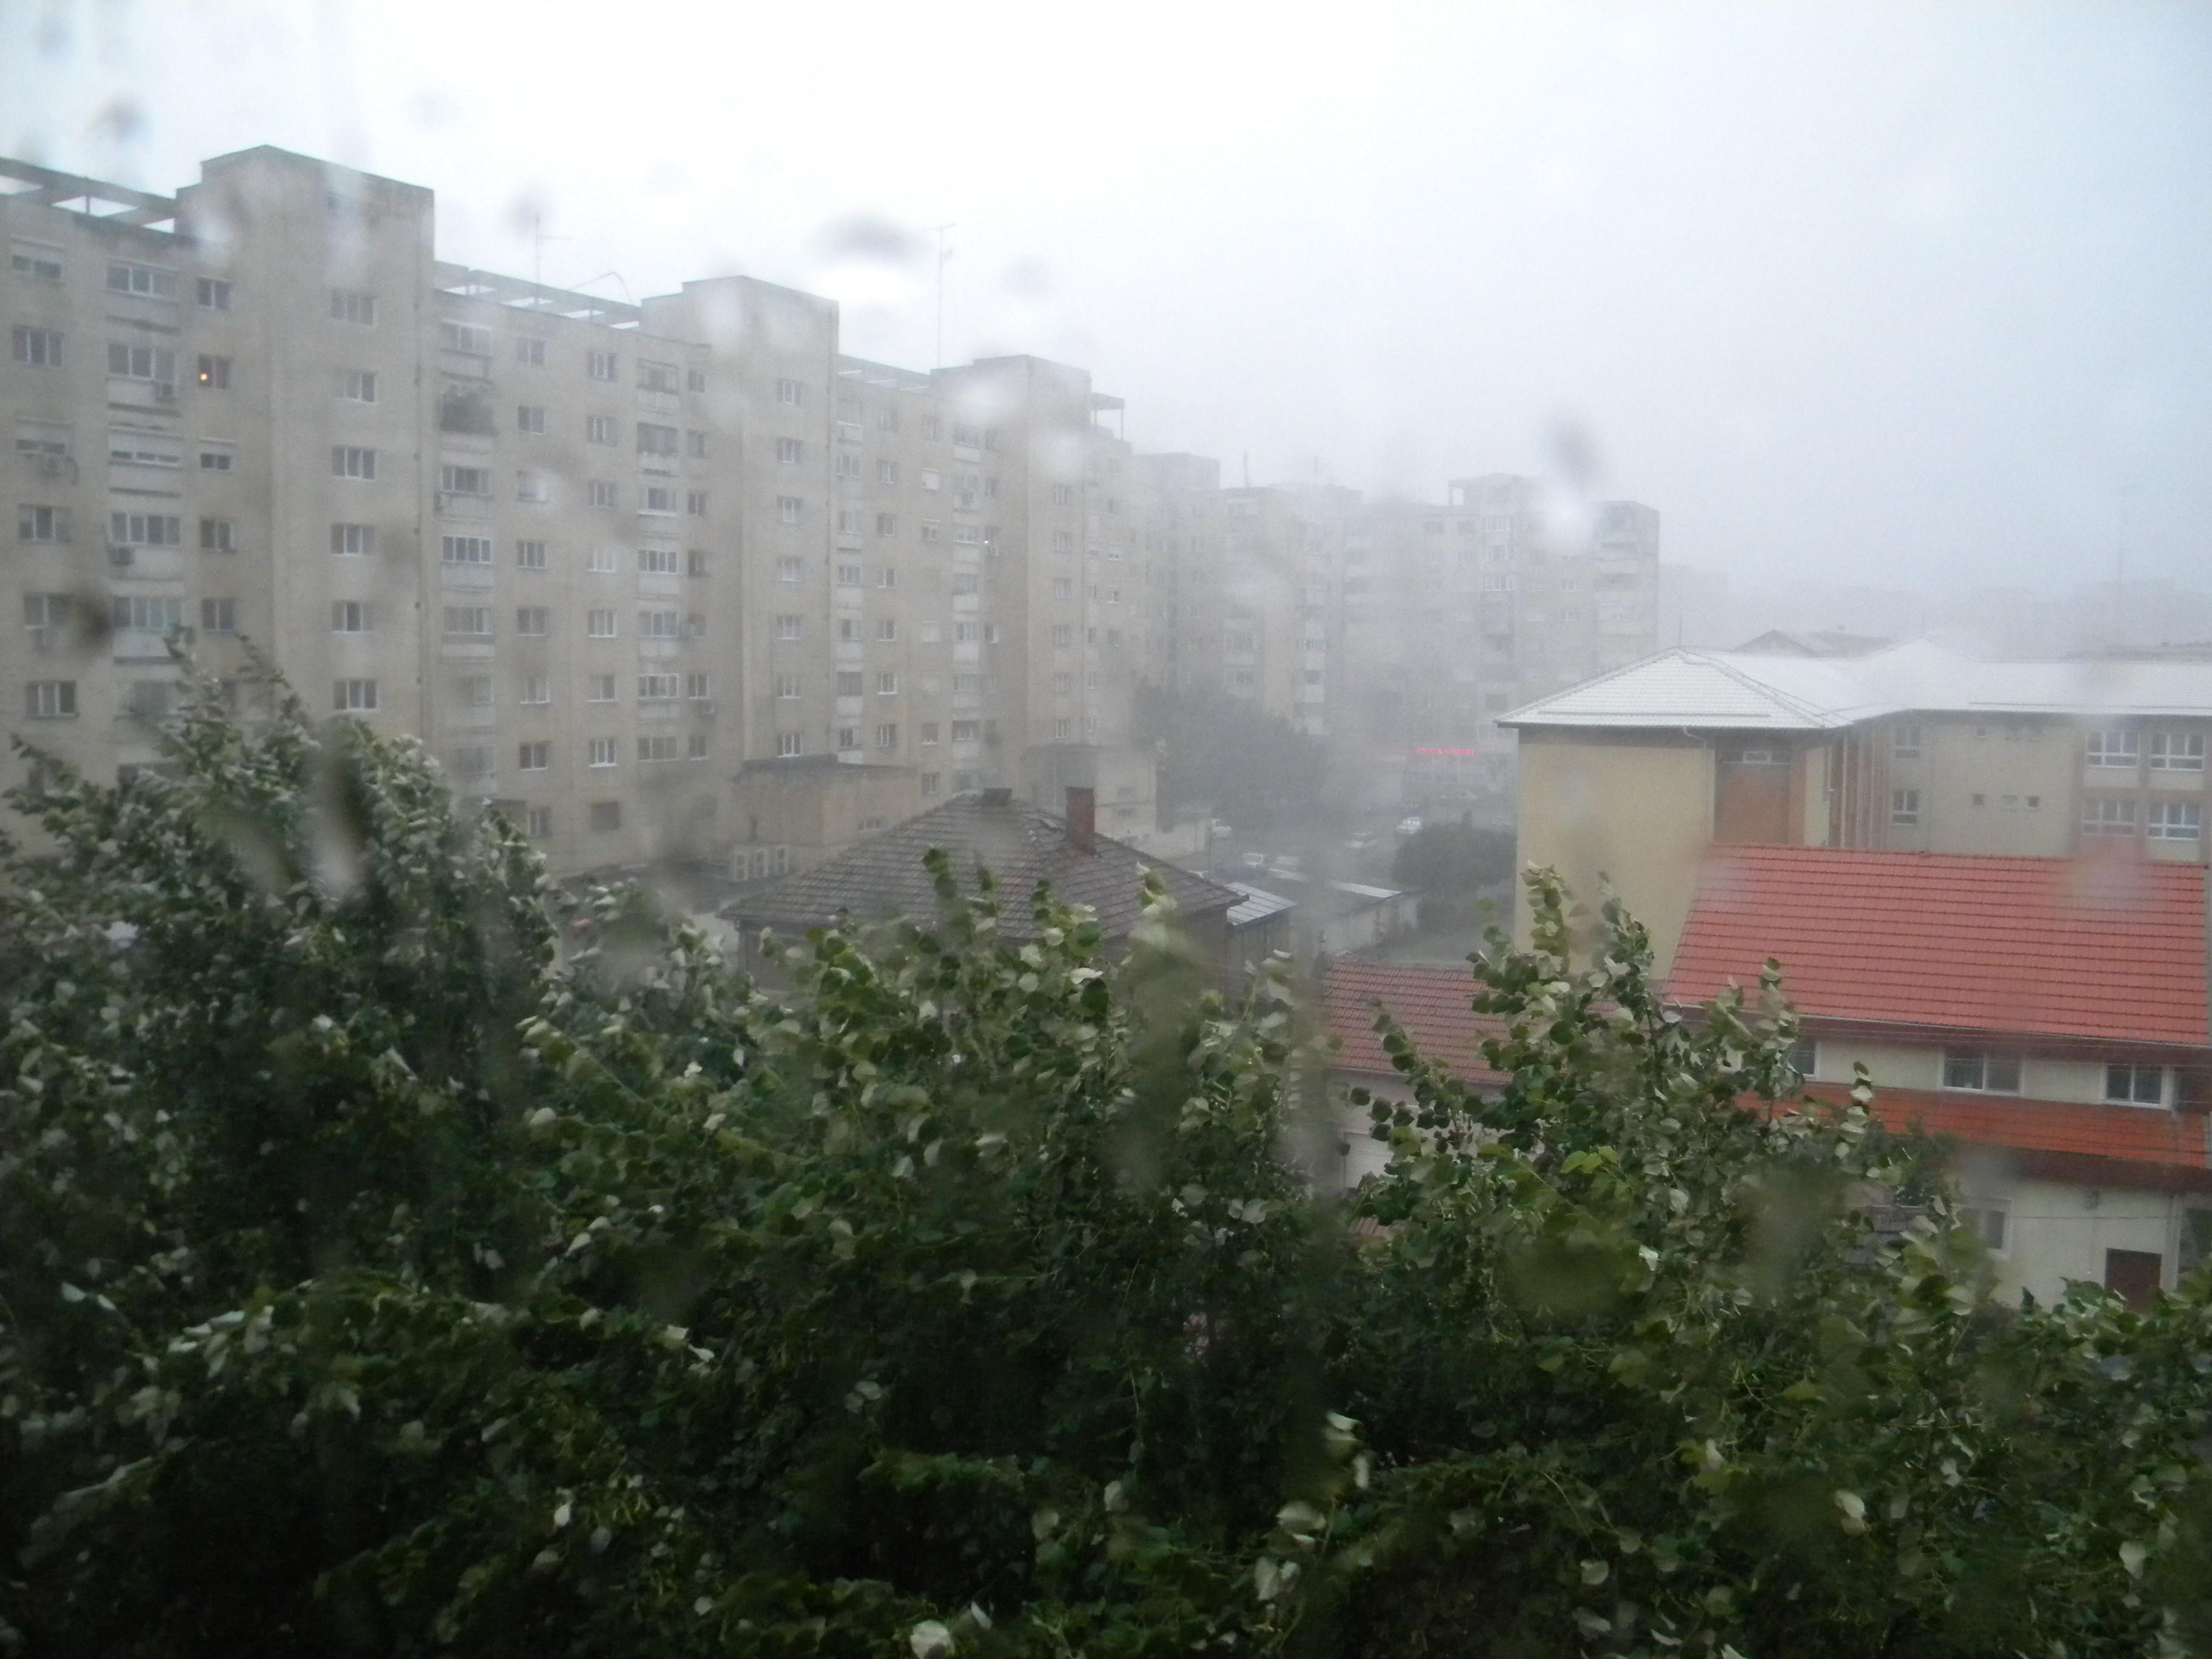 NEWS ALERT: Atenţionare meteo COD GALBEN de VÂNT PUTERNIC şi PLOI. Harta zonelor afectate